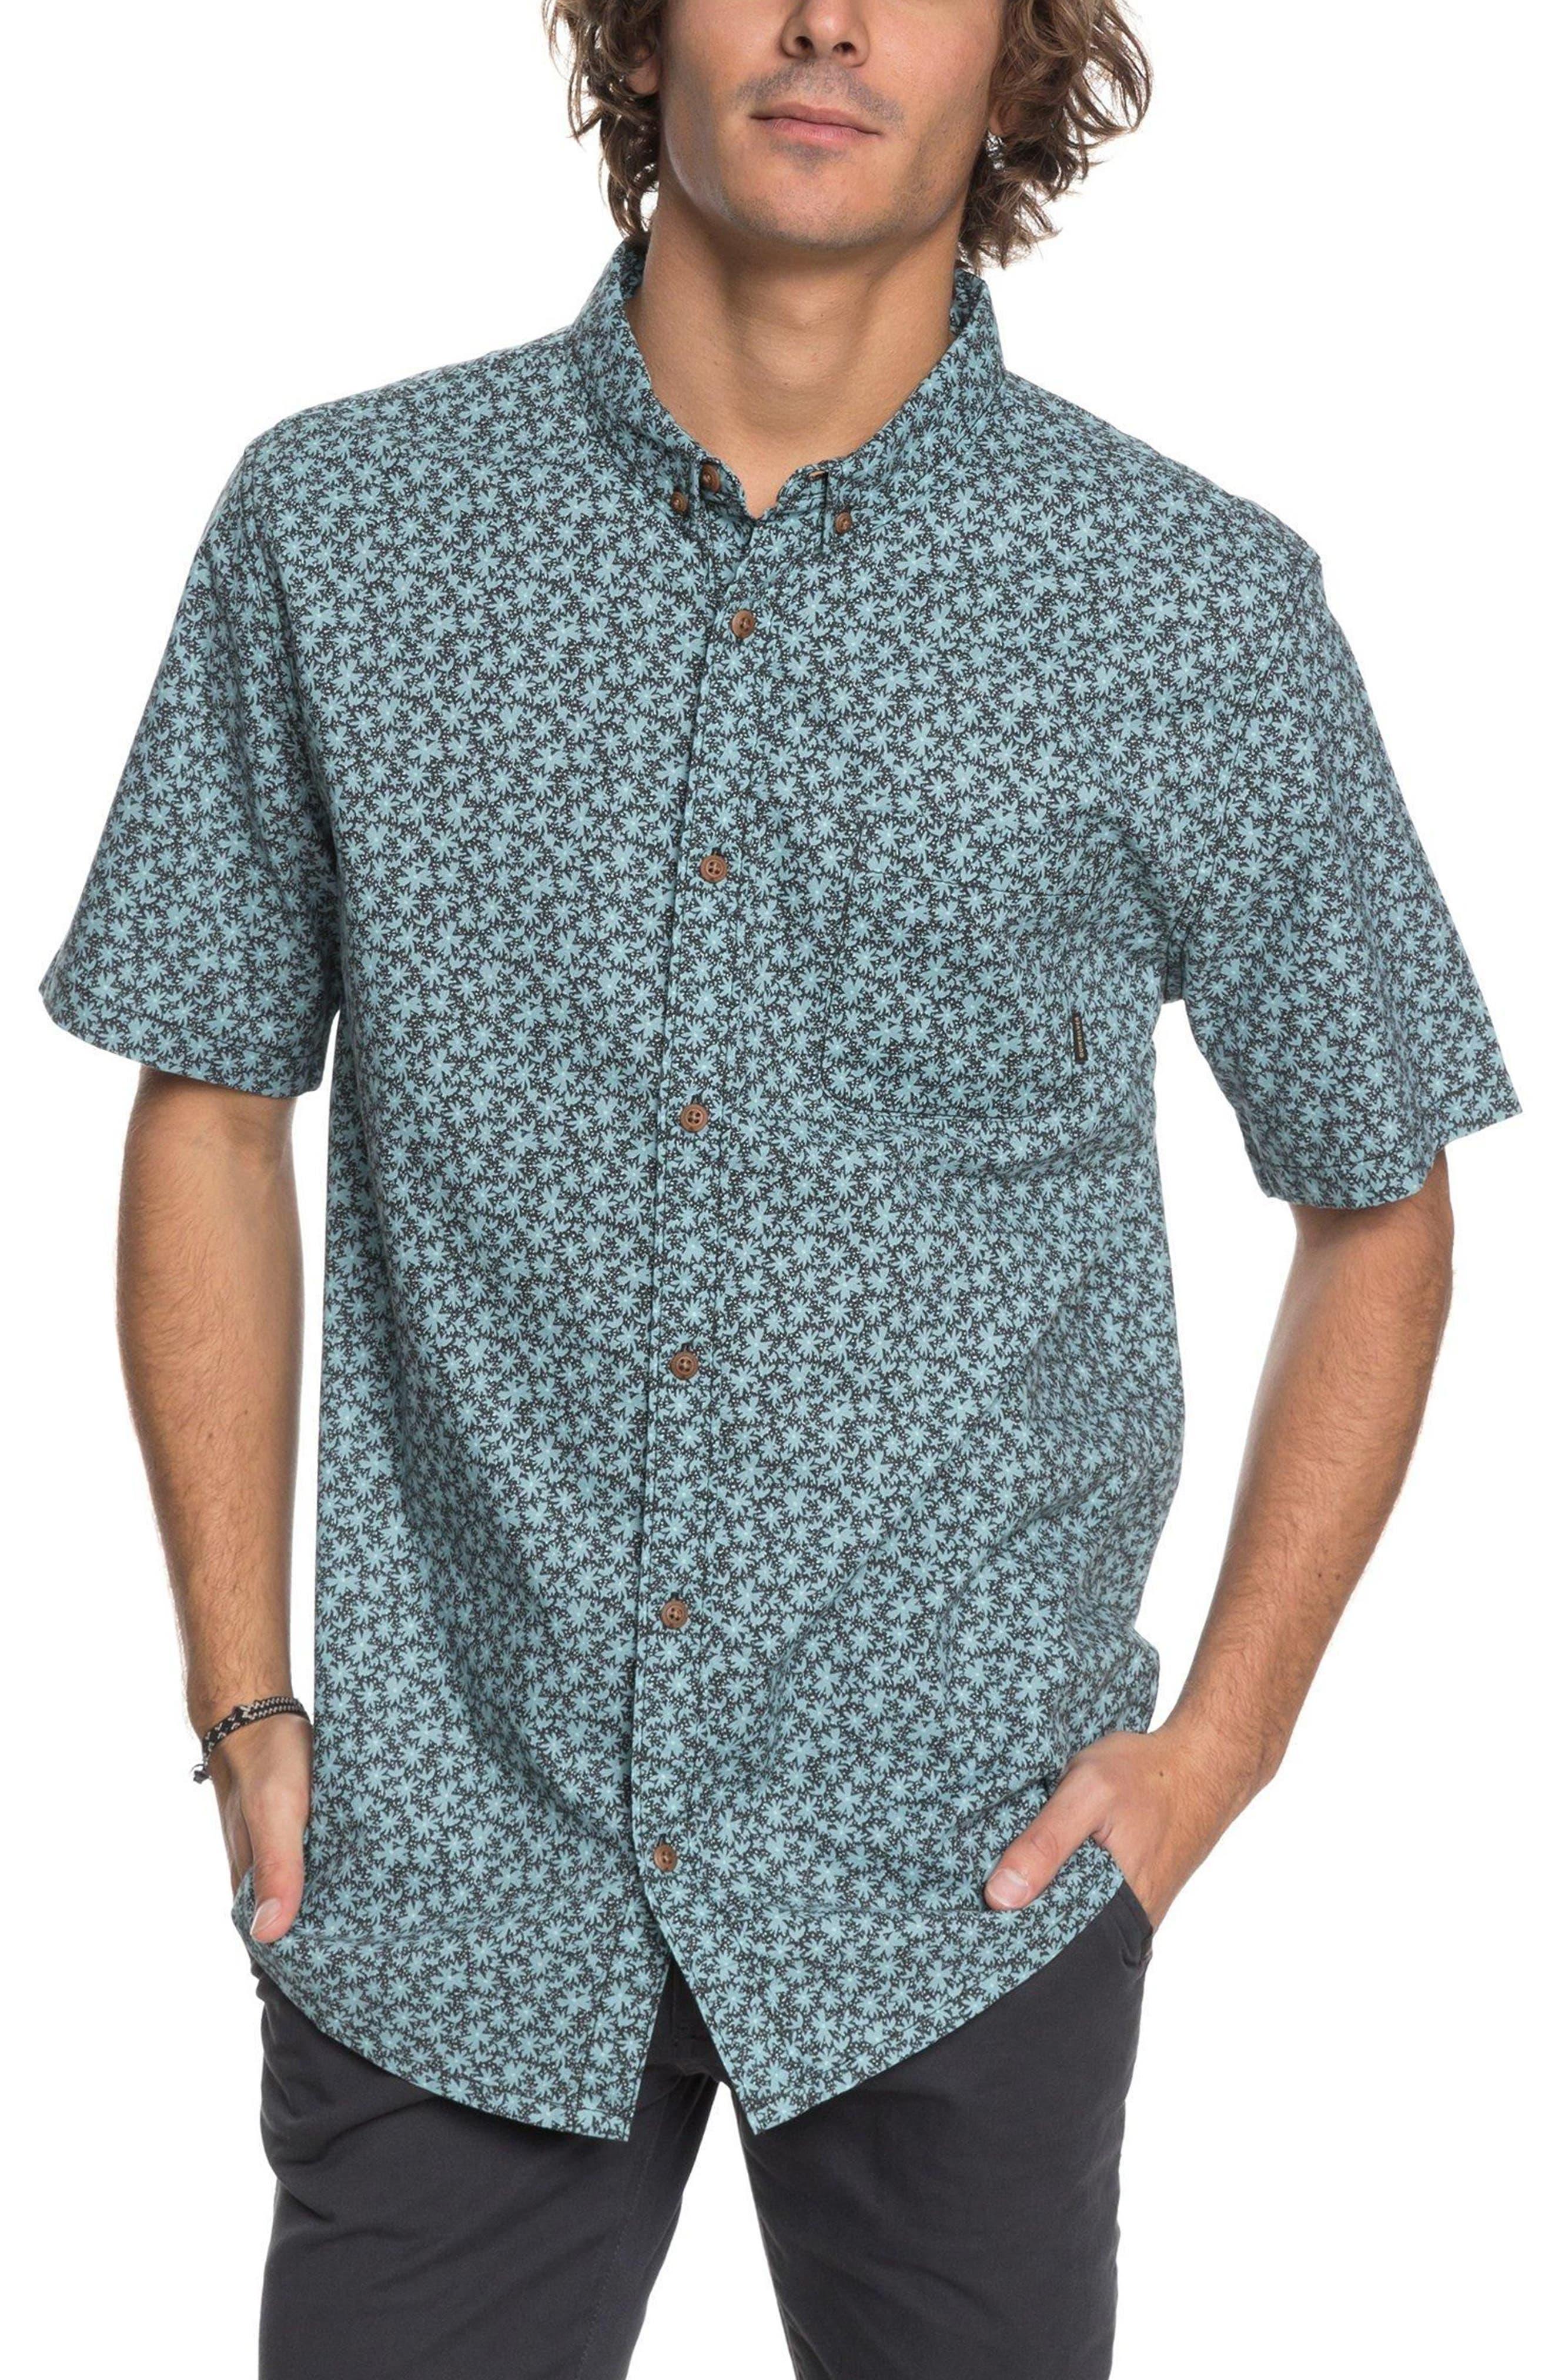 Quiksilver Minikani Woven Shirt